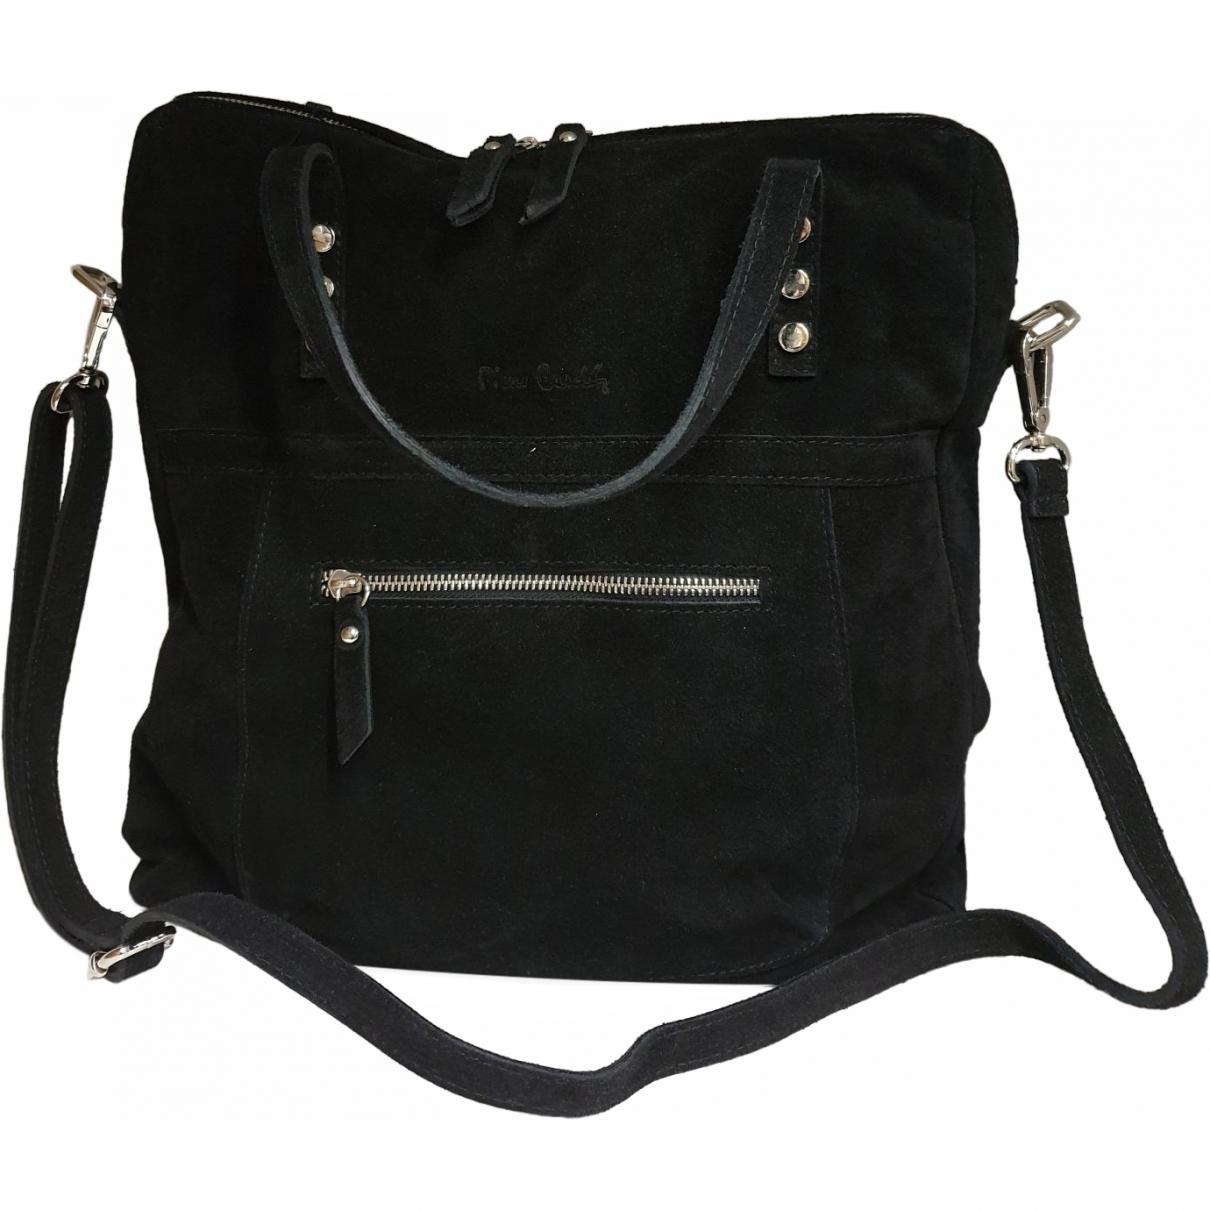 Pierre Cardin \N Black Suede handbag for Women \N